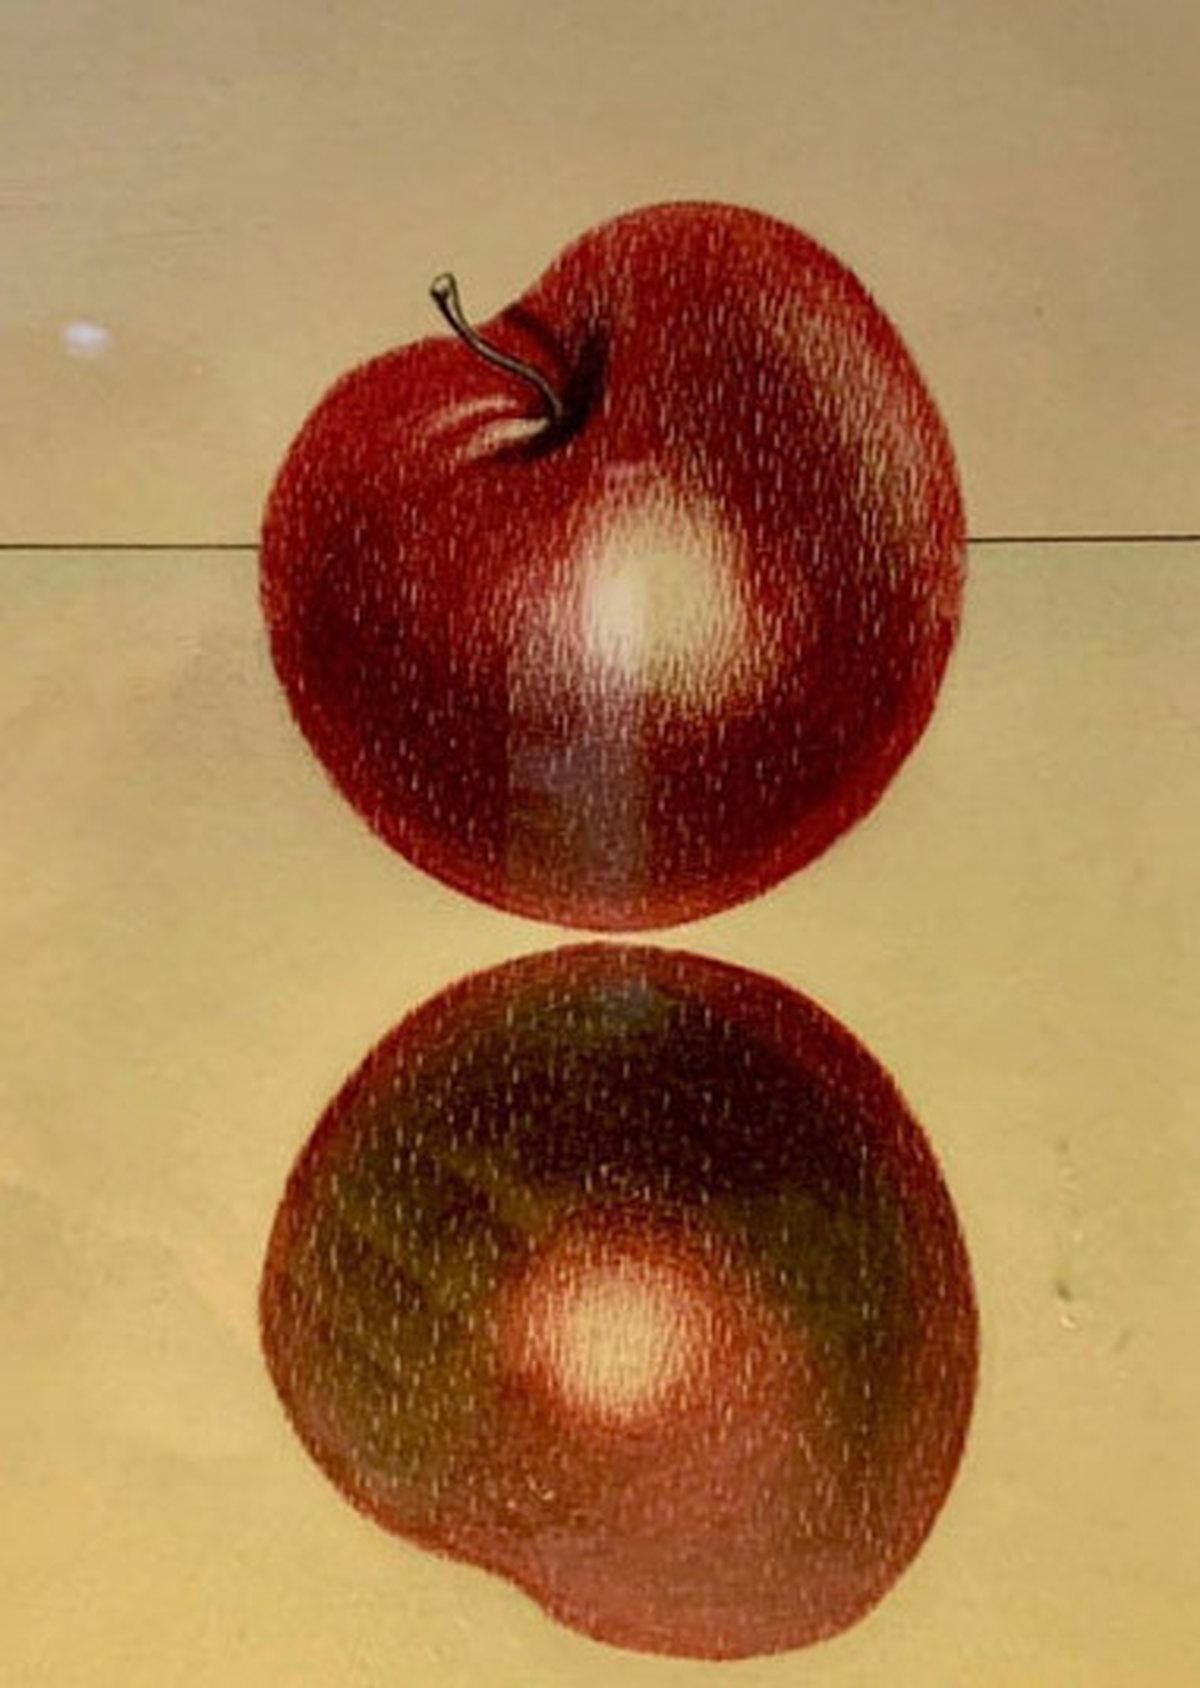 نقاشی رضا کیانیان پس از 30 سال به نمایش درآمد| رضا کیانیان و نقاشی 30 سال پیش+ عکس